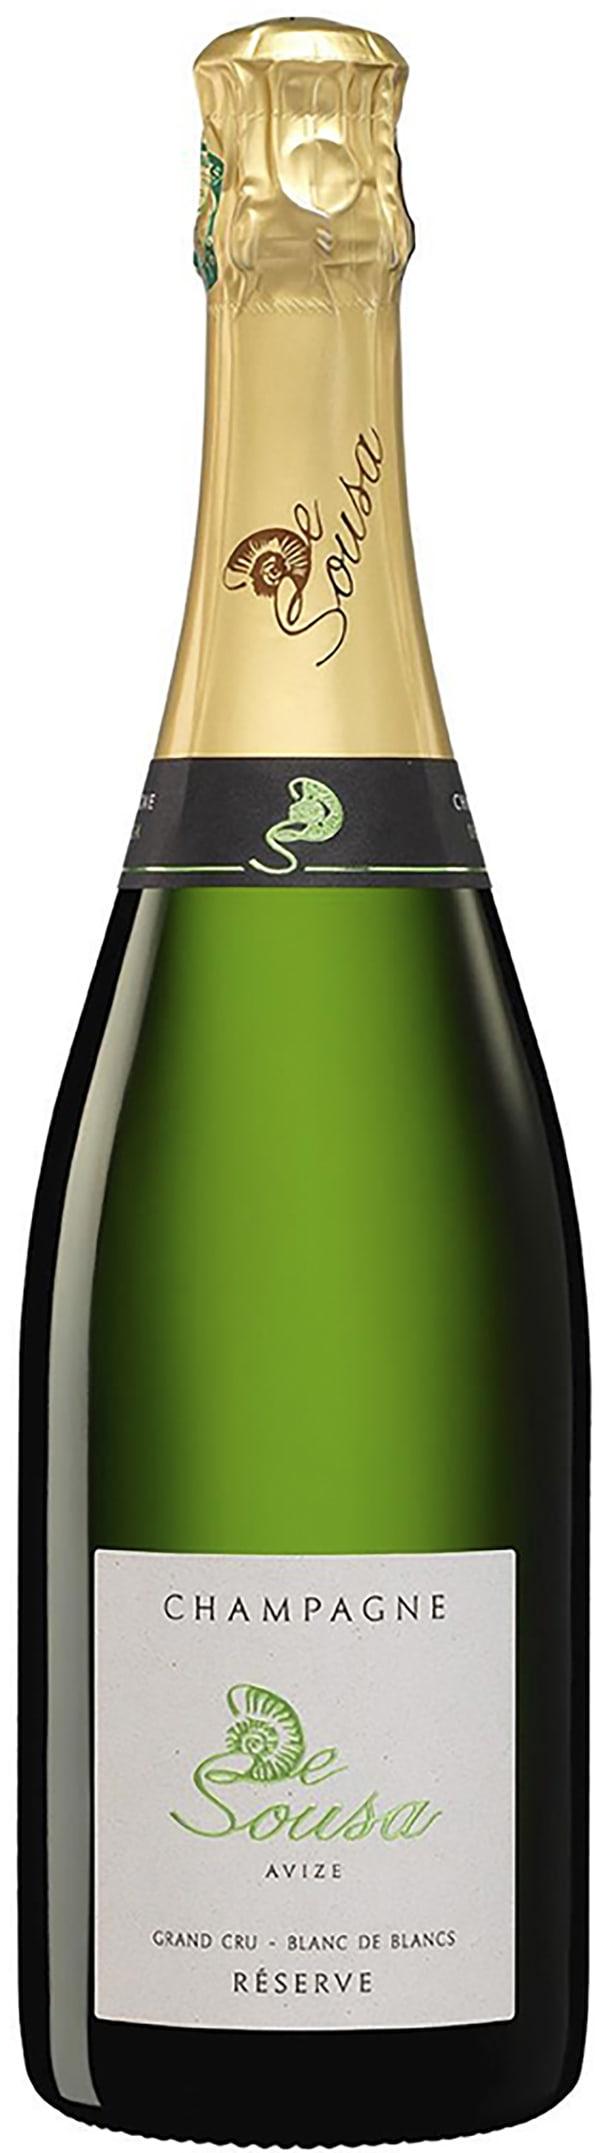 De Sousa Grand Cru Blanc de Blancs Champagne Brut